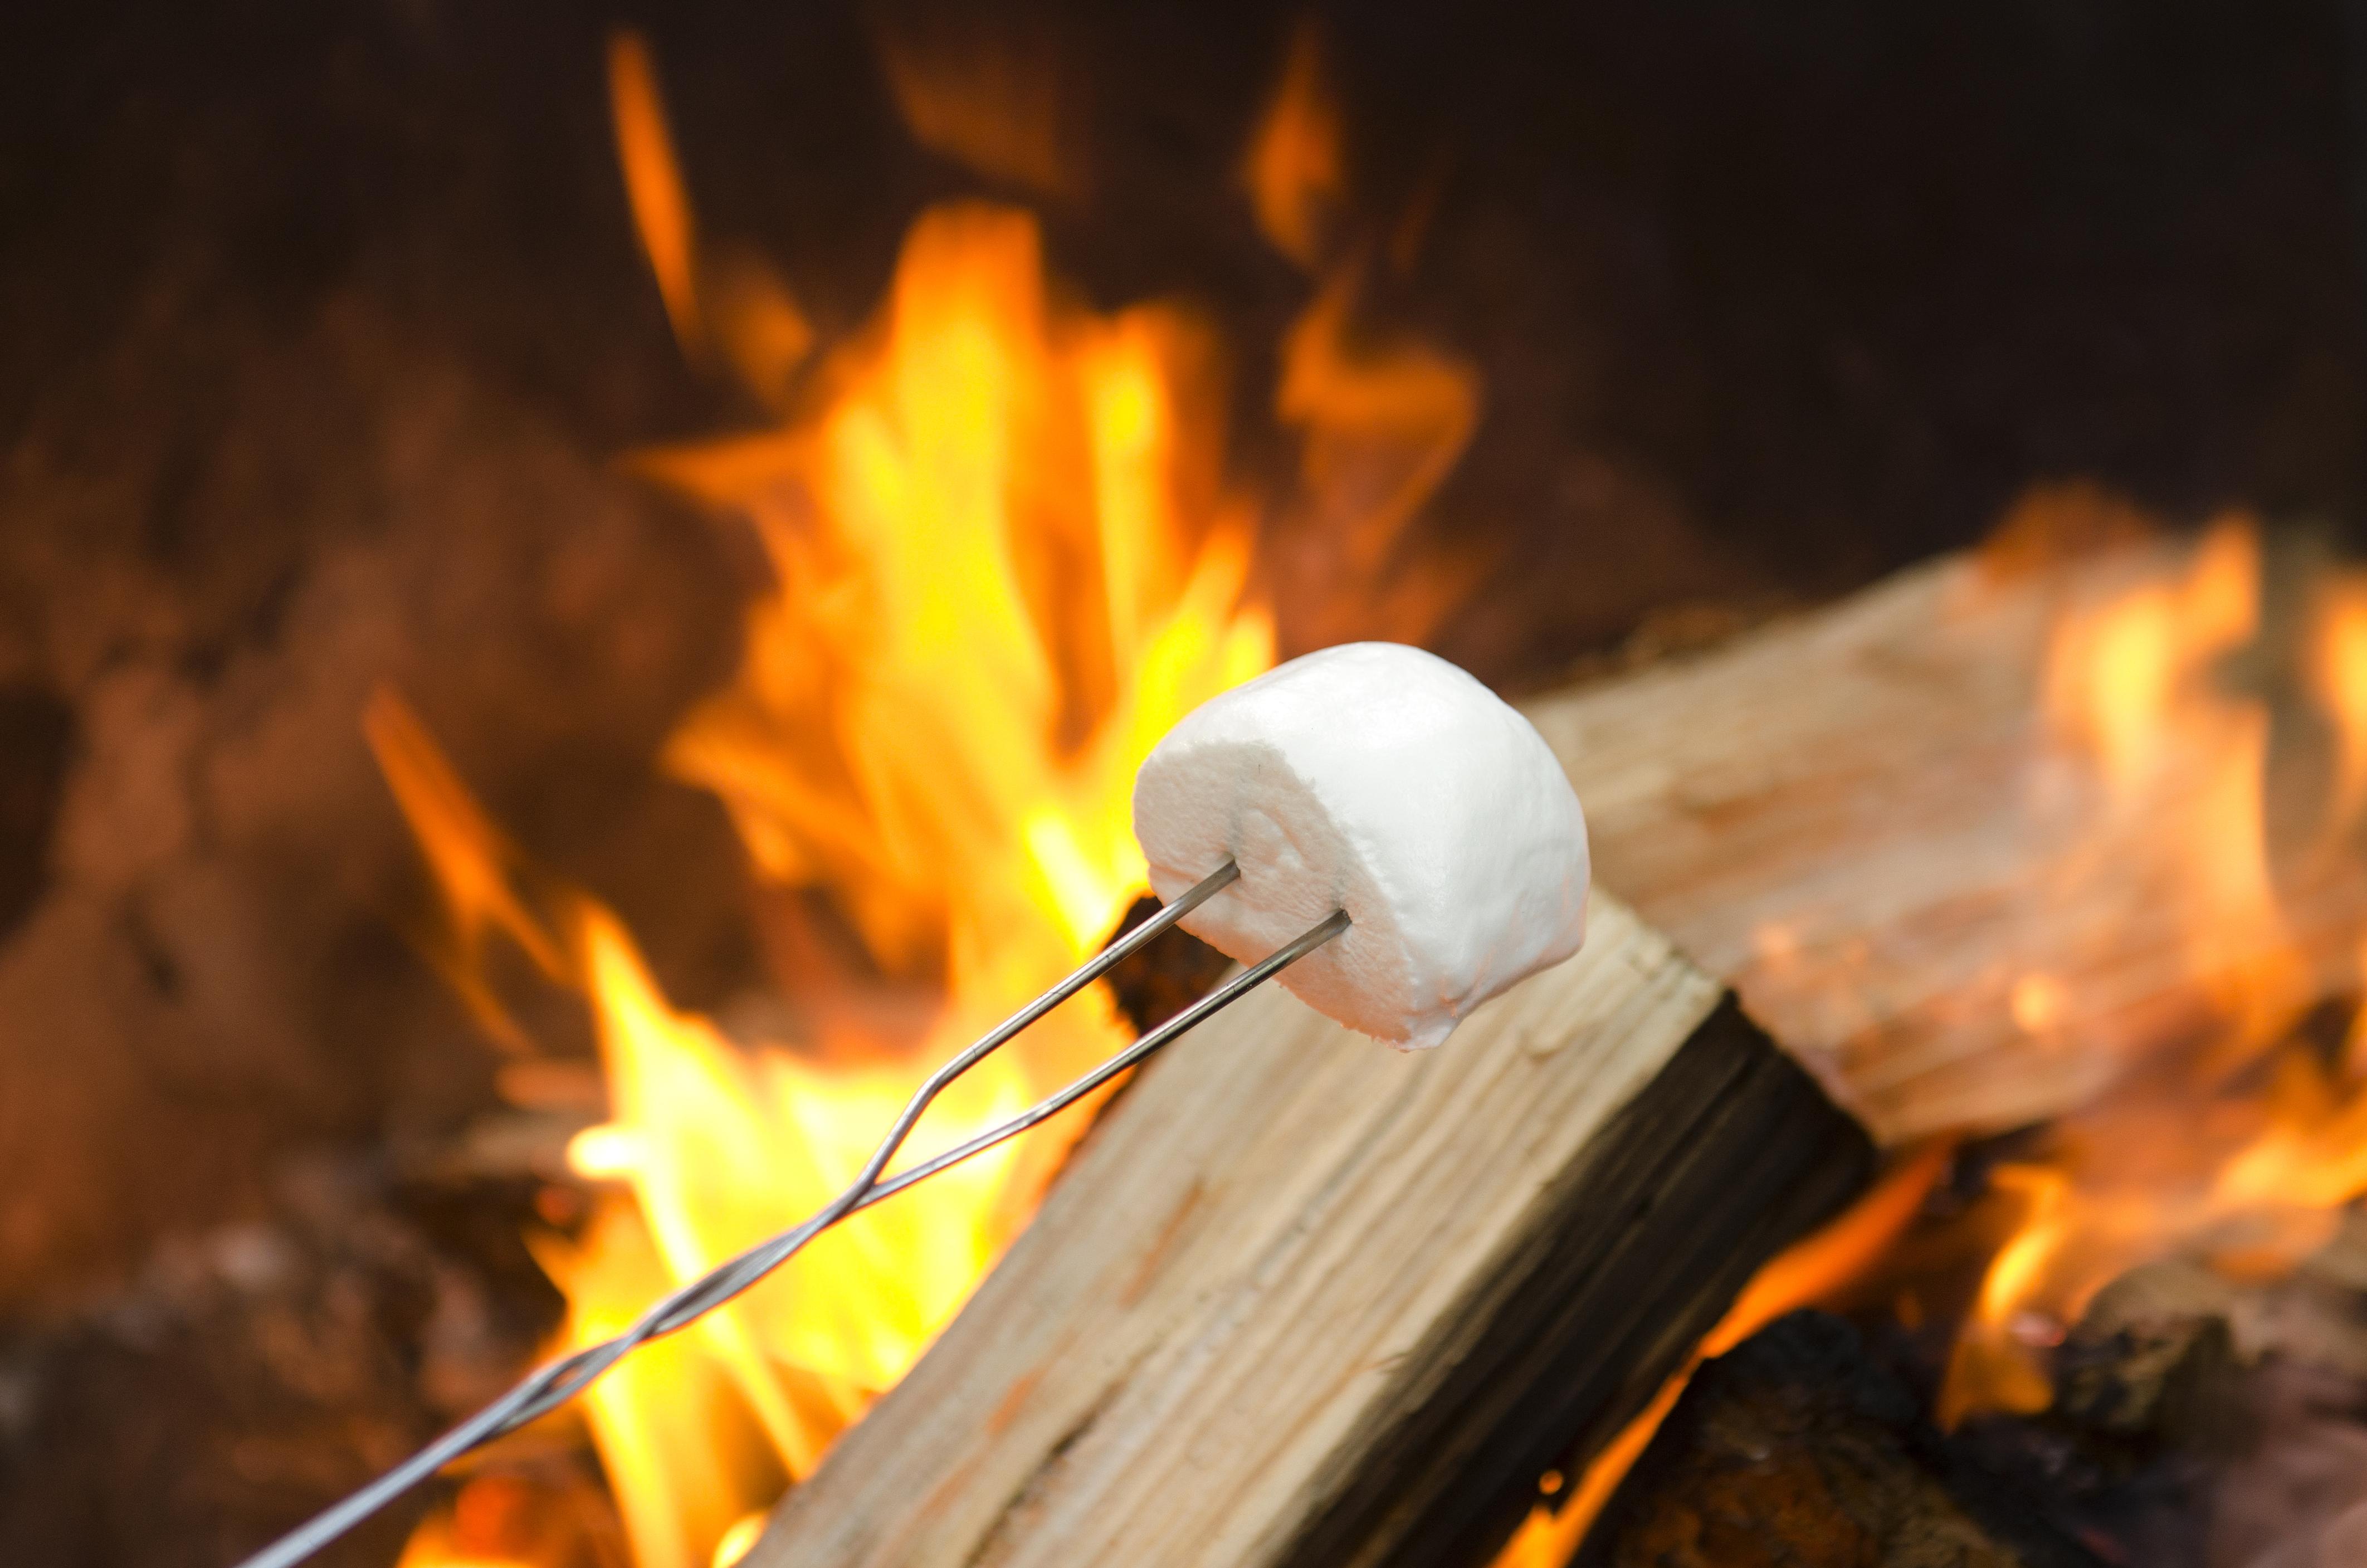 roasting s'mores backyard camping